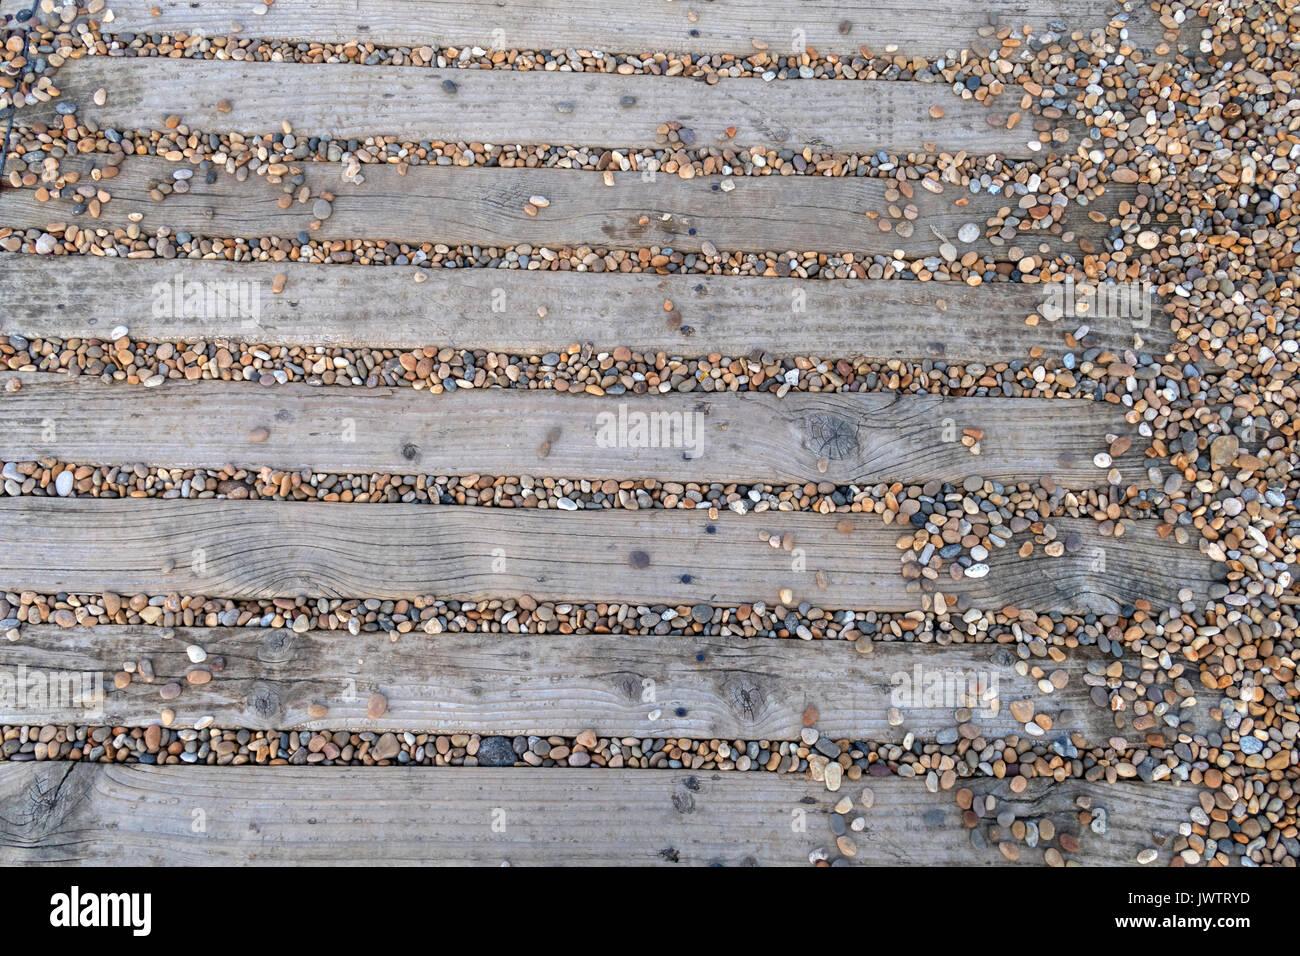 Resbalosa senda hecha de tiras de madera llena de pequeños guijarros. Imagen De Stock